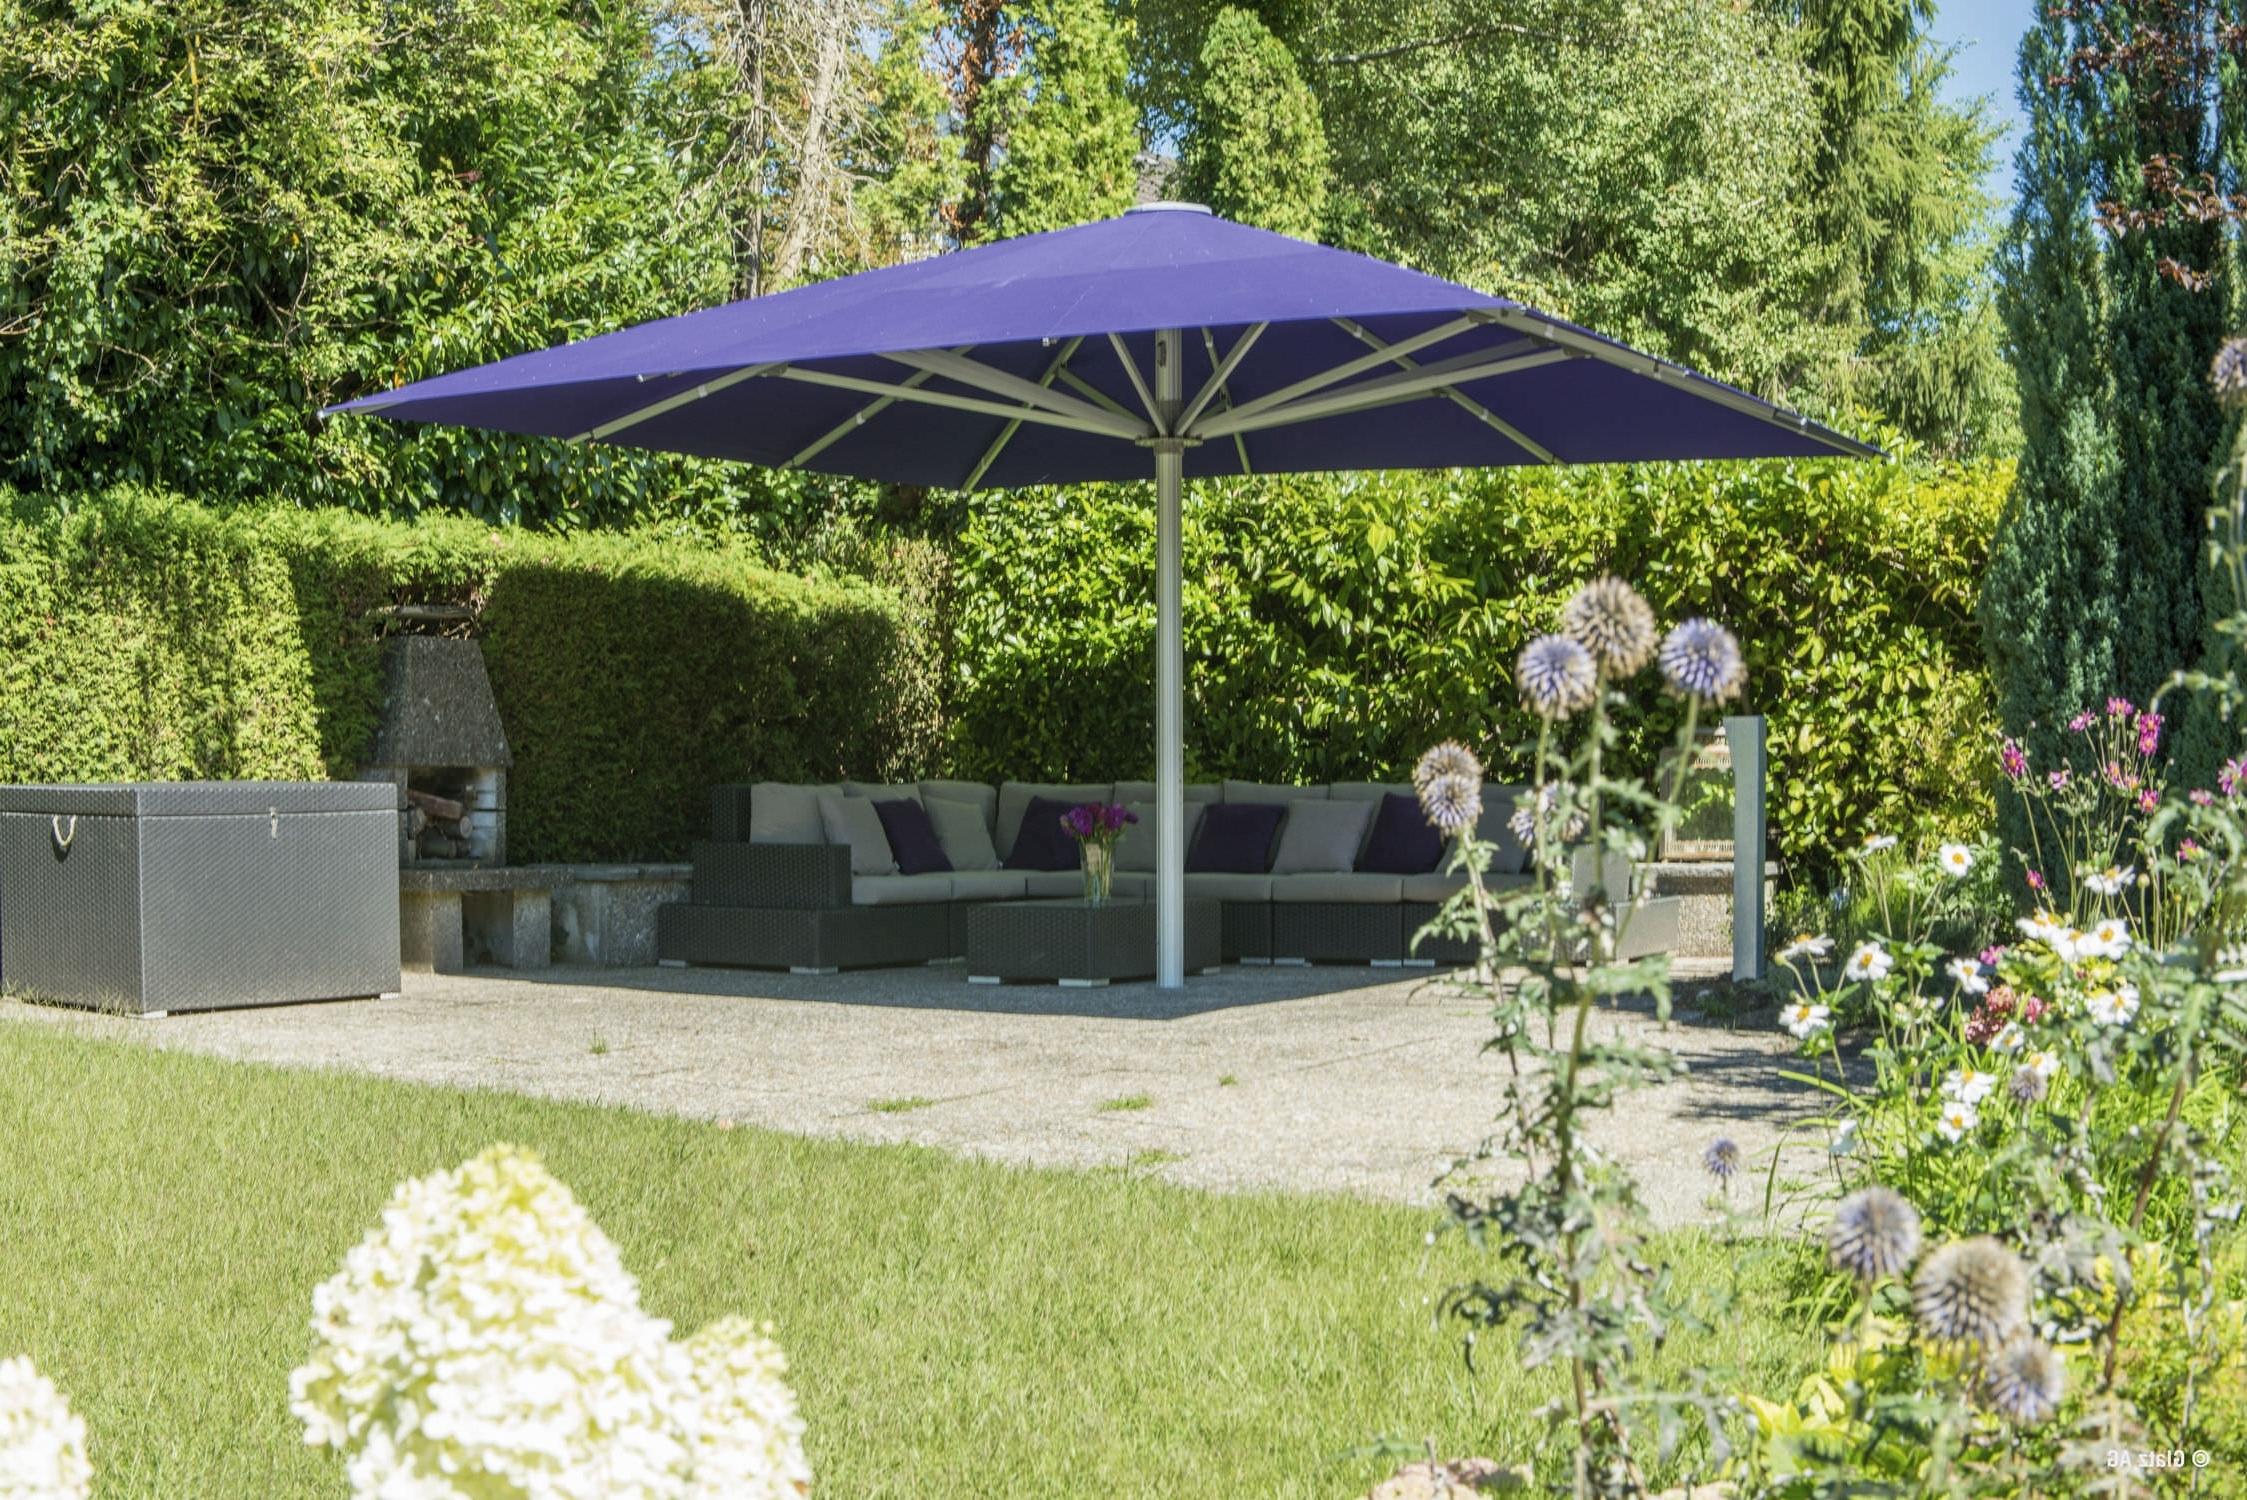 Commercial Patio Umbrellas In Fashionable High Wind Patio Umbrellas • Patio Ideas (Gallery 7 of 20)